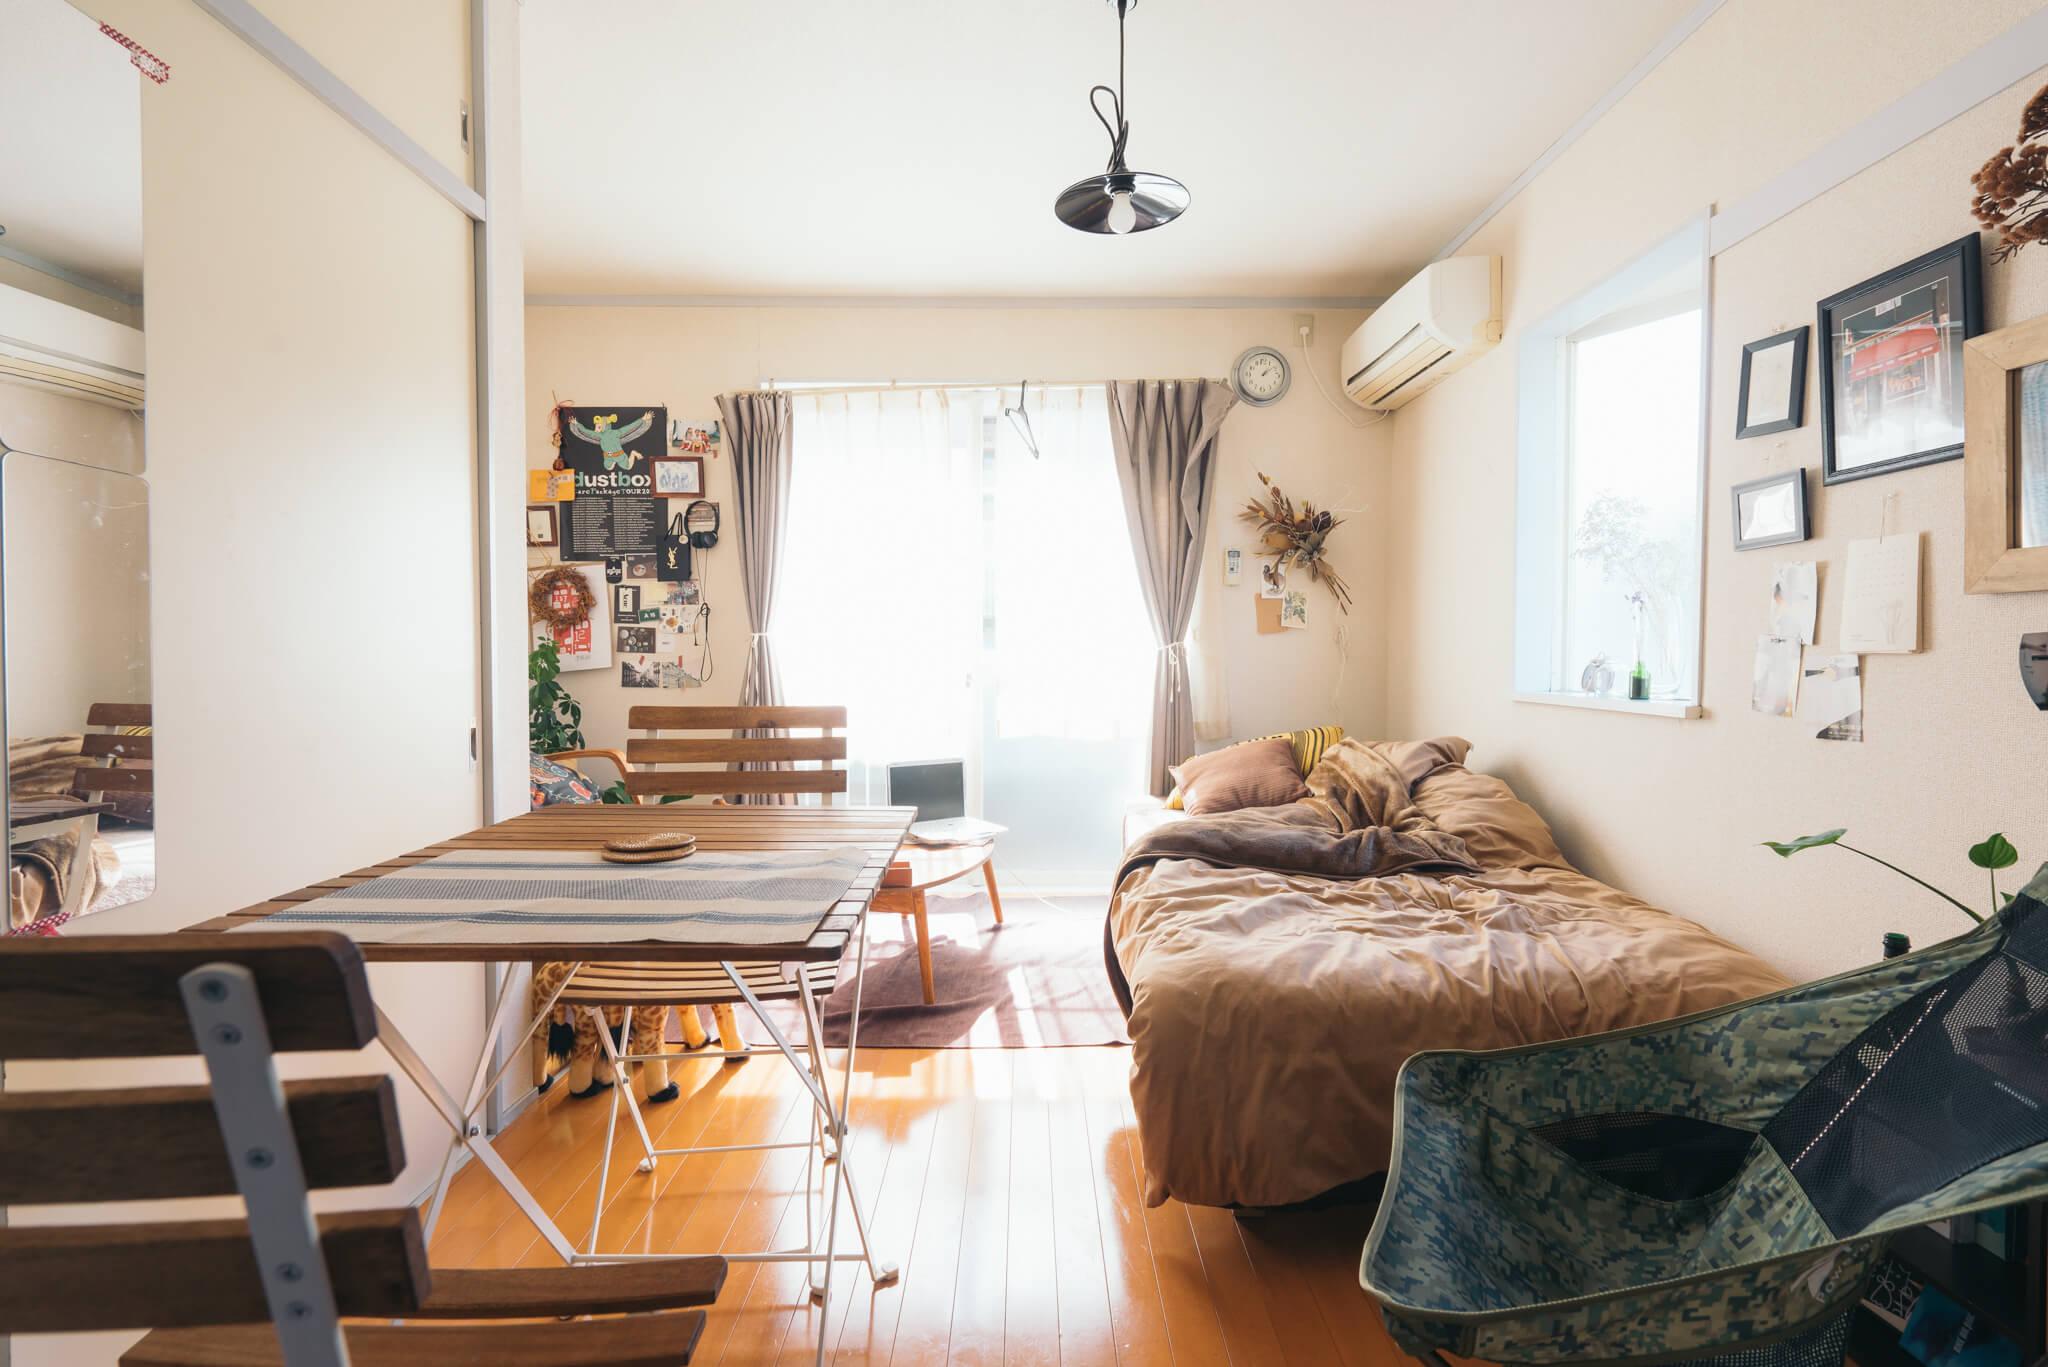 一人暮らしの家具って、何が必要? みんなの部屋をのぞいてみ ...